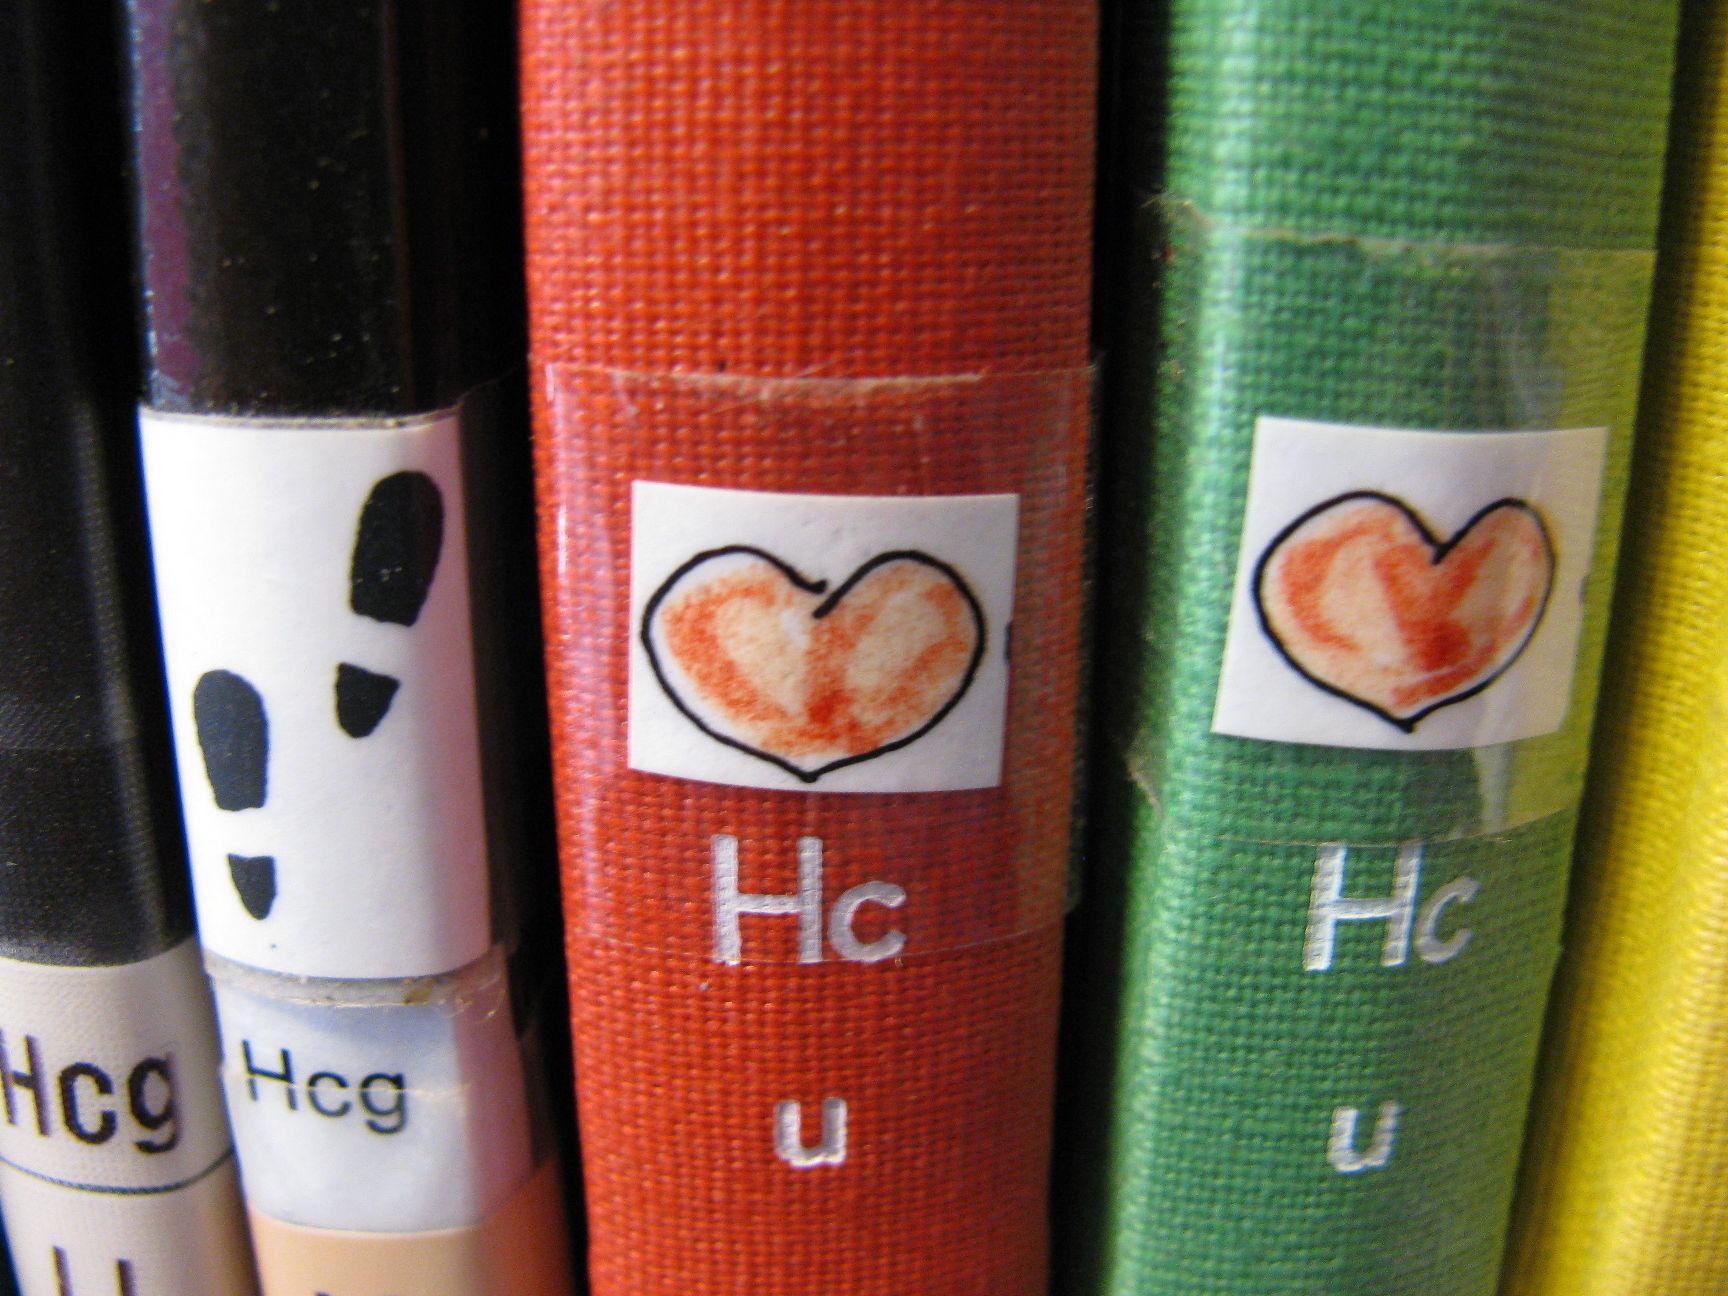 Nálepky na knihách v dětském oddělení Knihovny Hässlehus